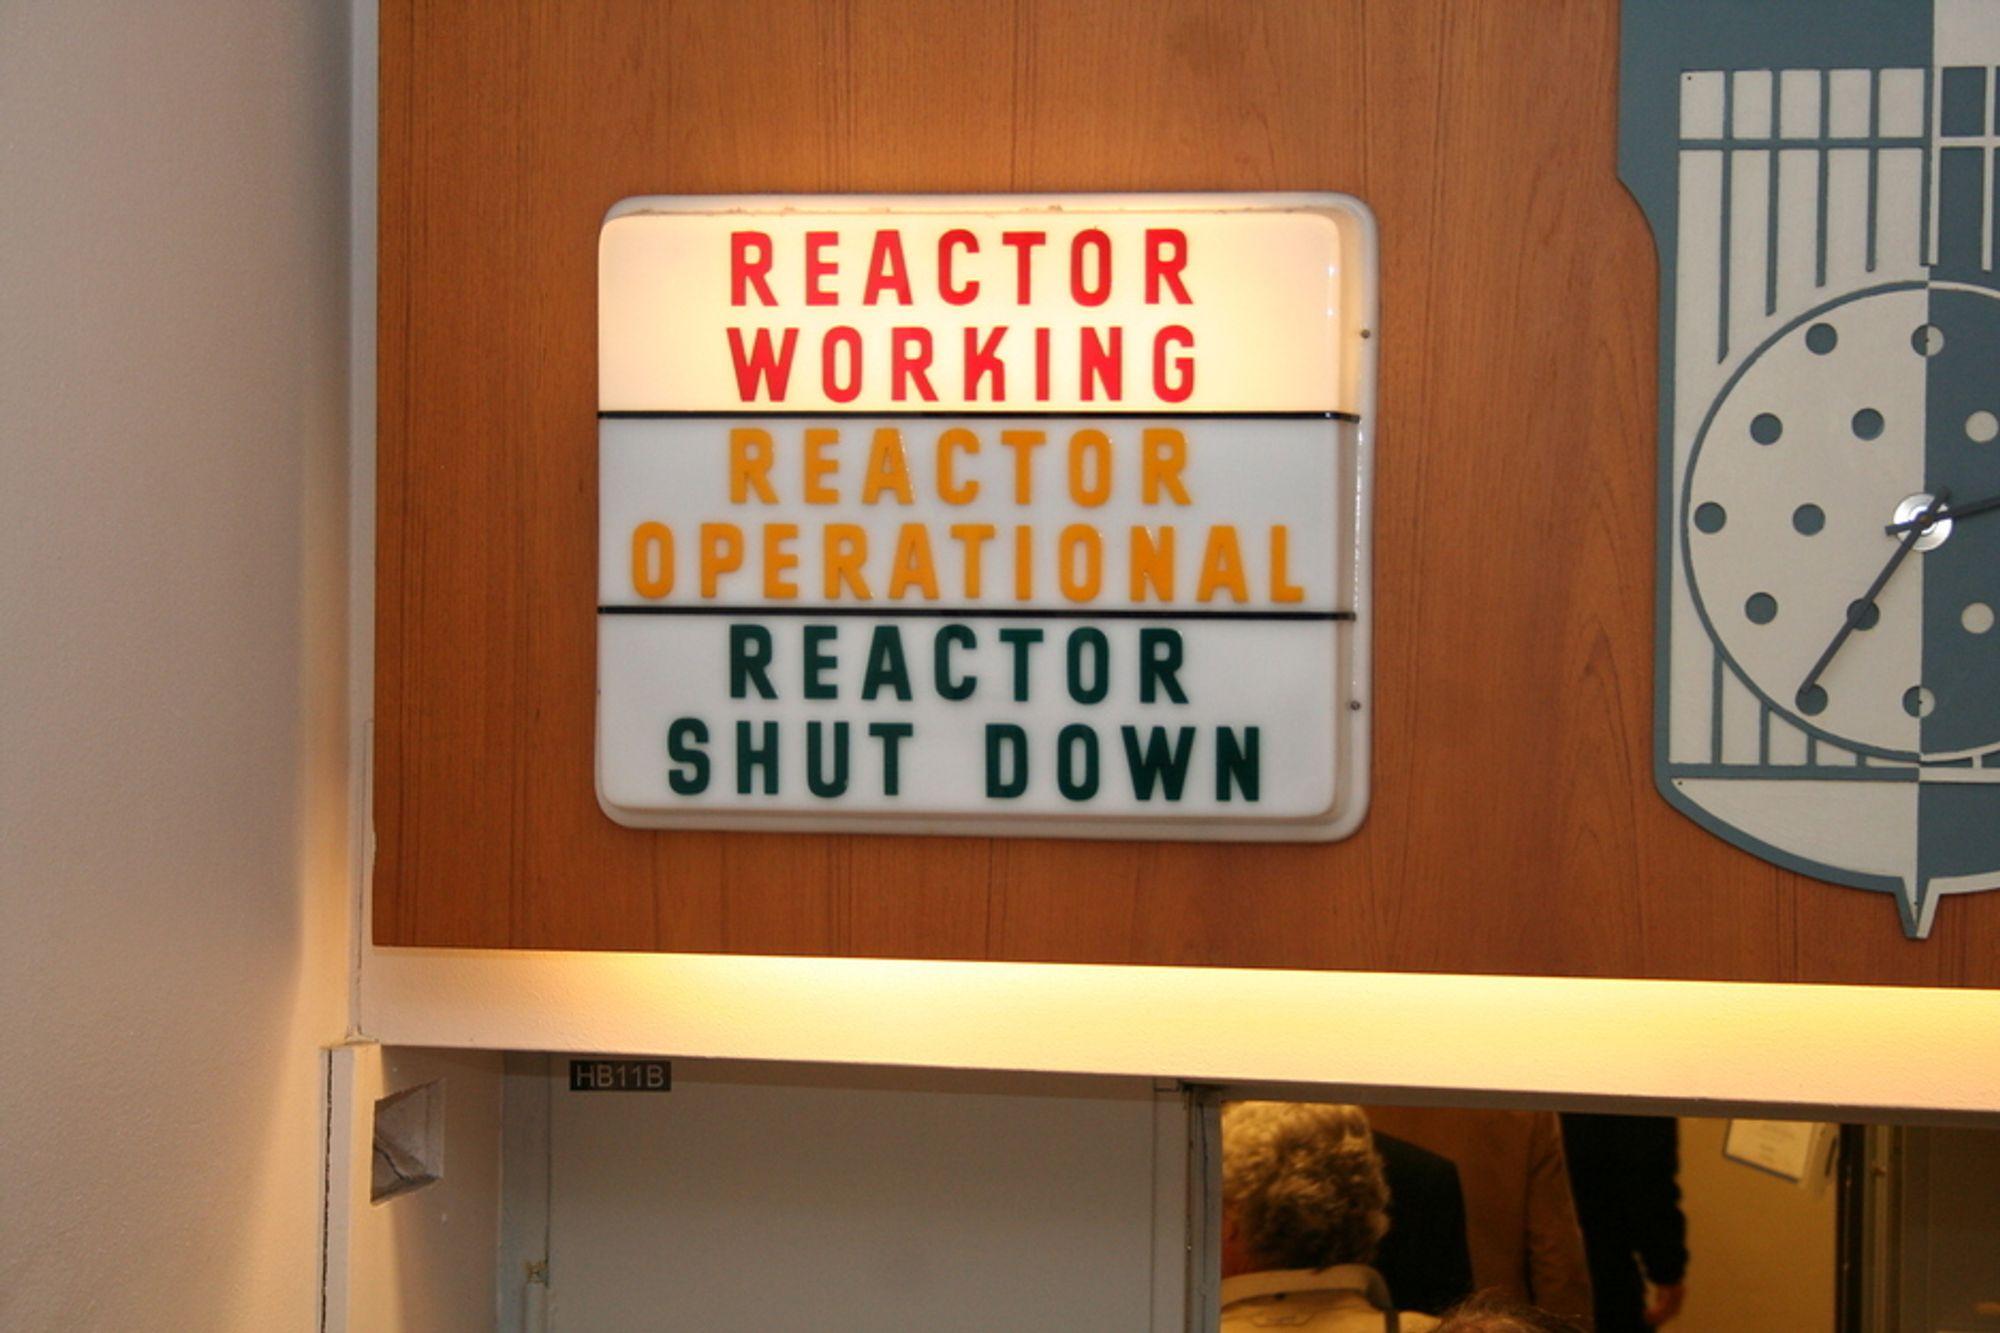 USA mener det at vaktene utenfor reaktoren i Halden er ubevæpnet, viser et norsk syn på sikkerhet som ikke er akseptabelt.